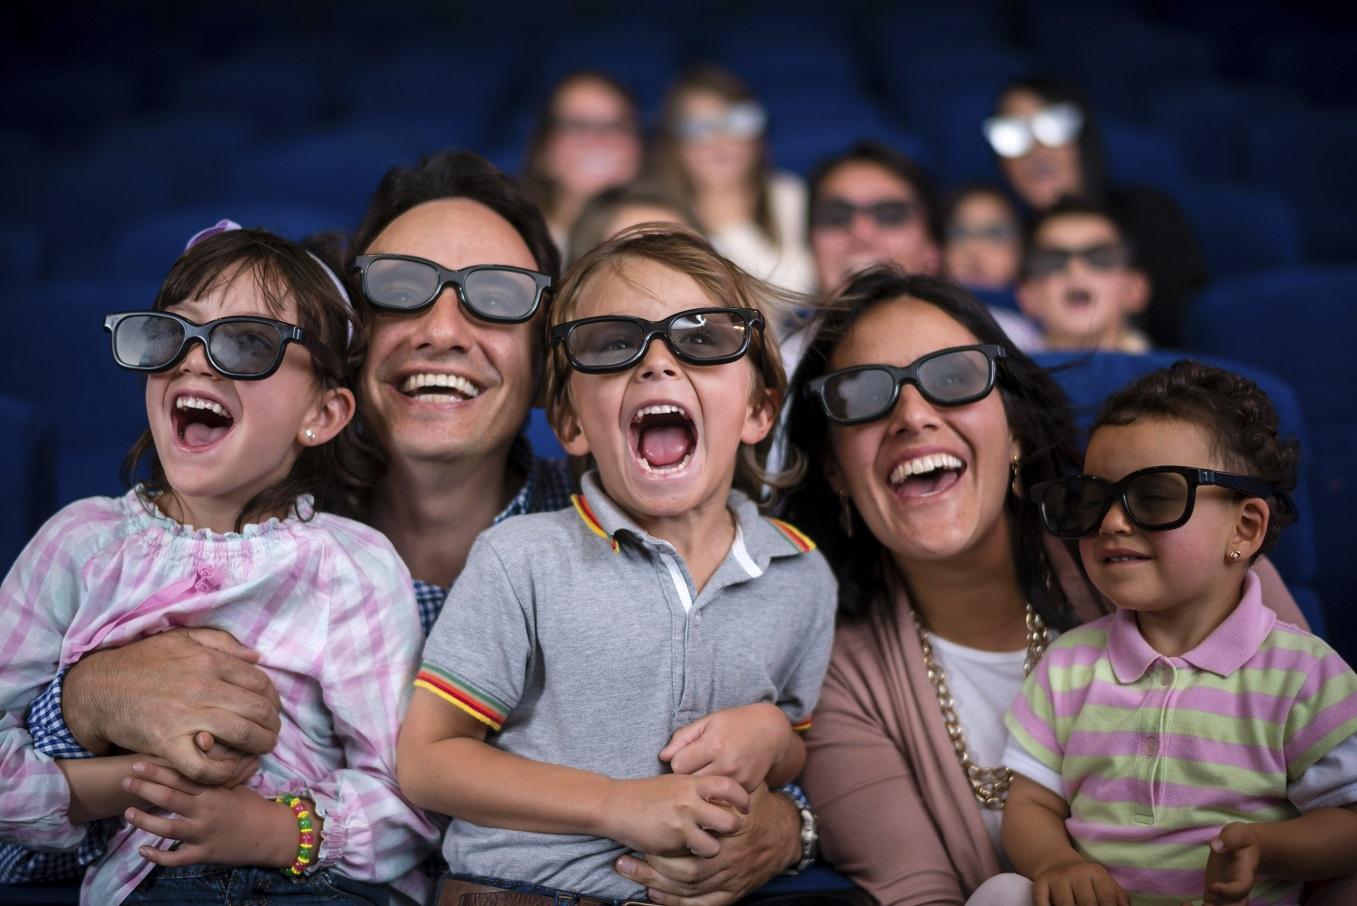 ريل سينما تقدم عروض الأفلام الصباحية للأطفال طوال شهر أغسطس